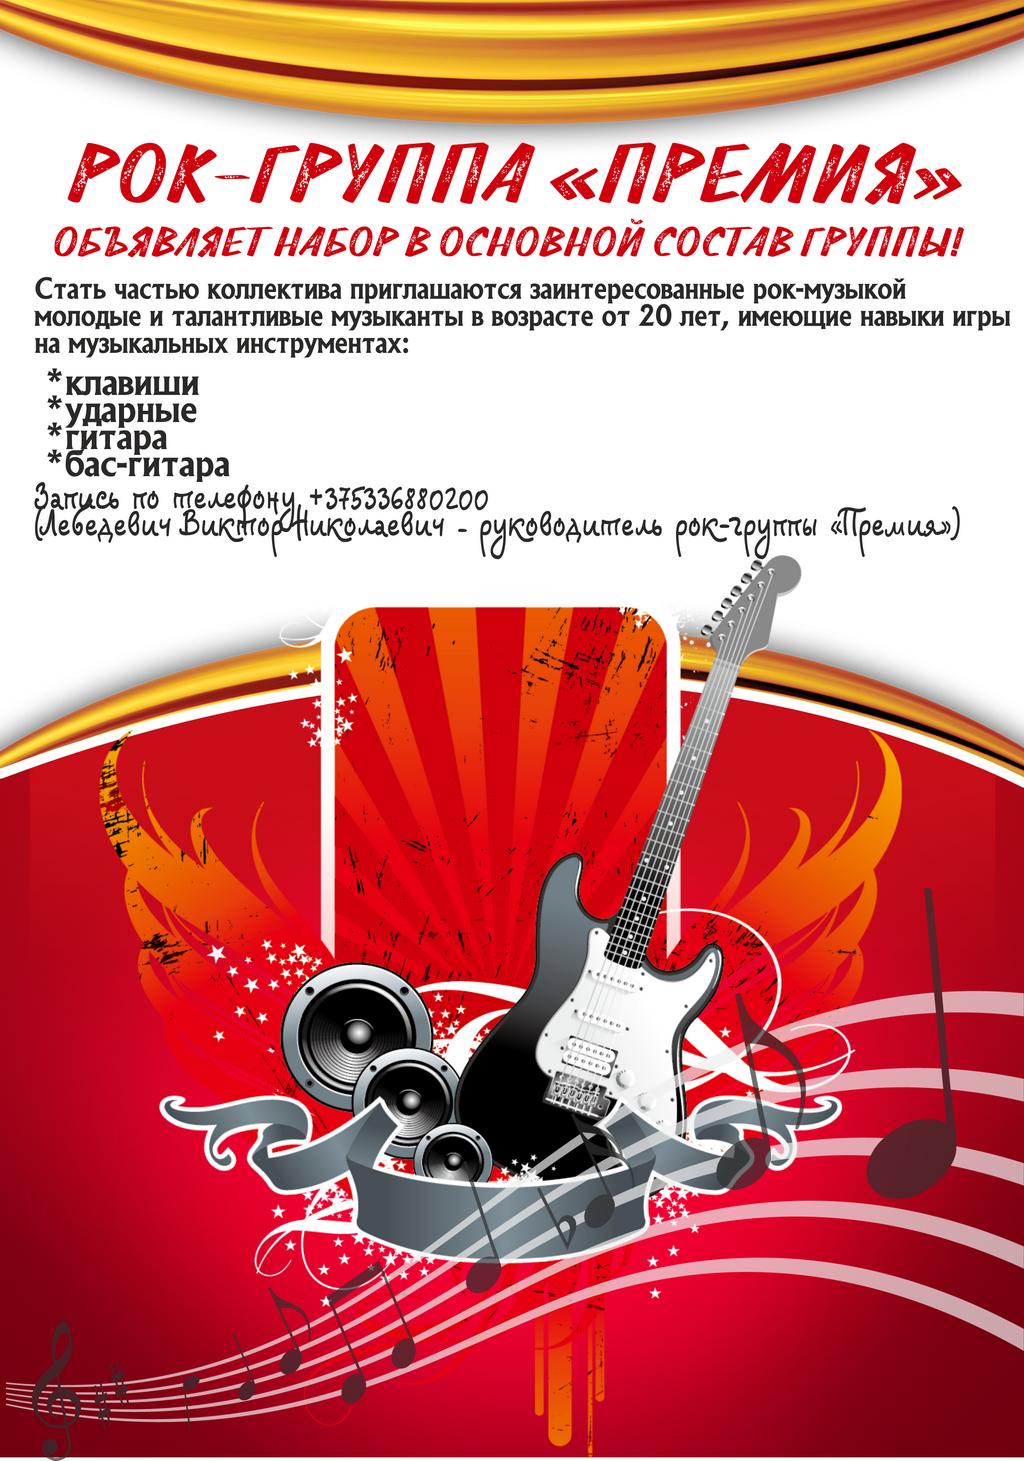 Рок-группа «Премия» объявляет набор в основной состав коллектива.